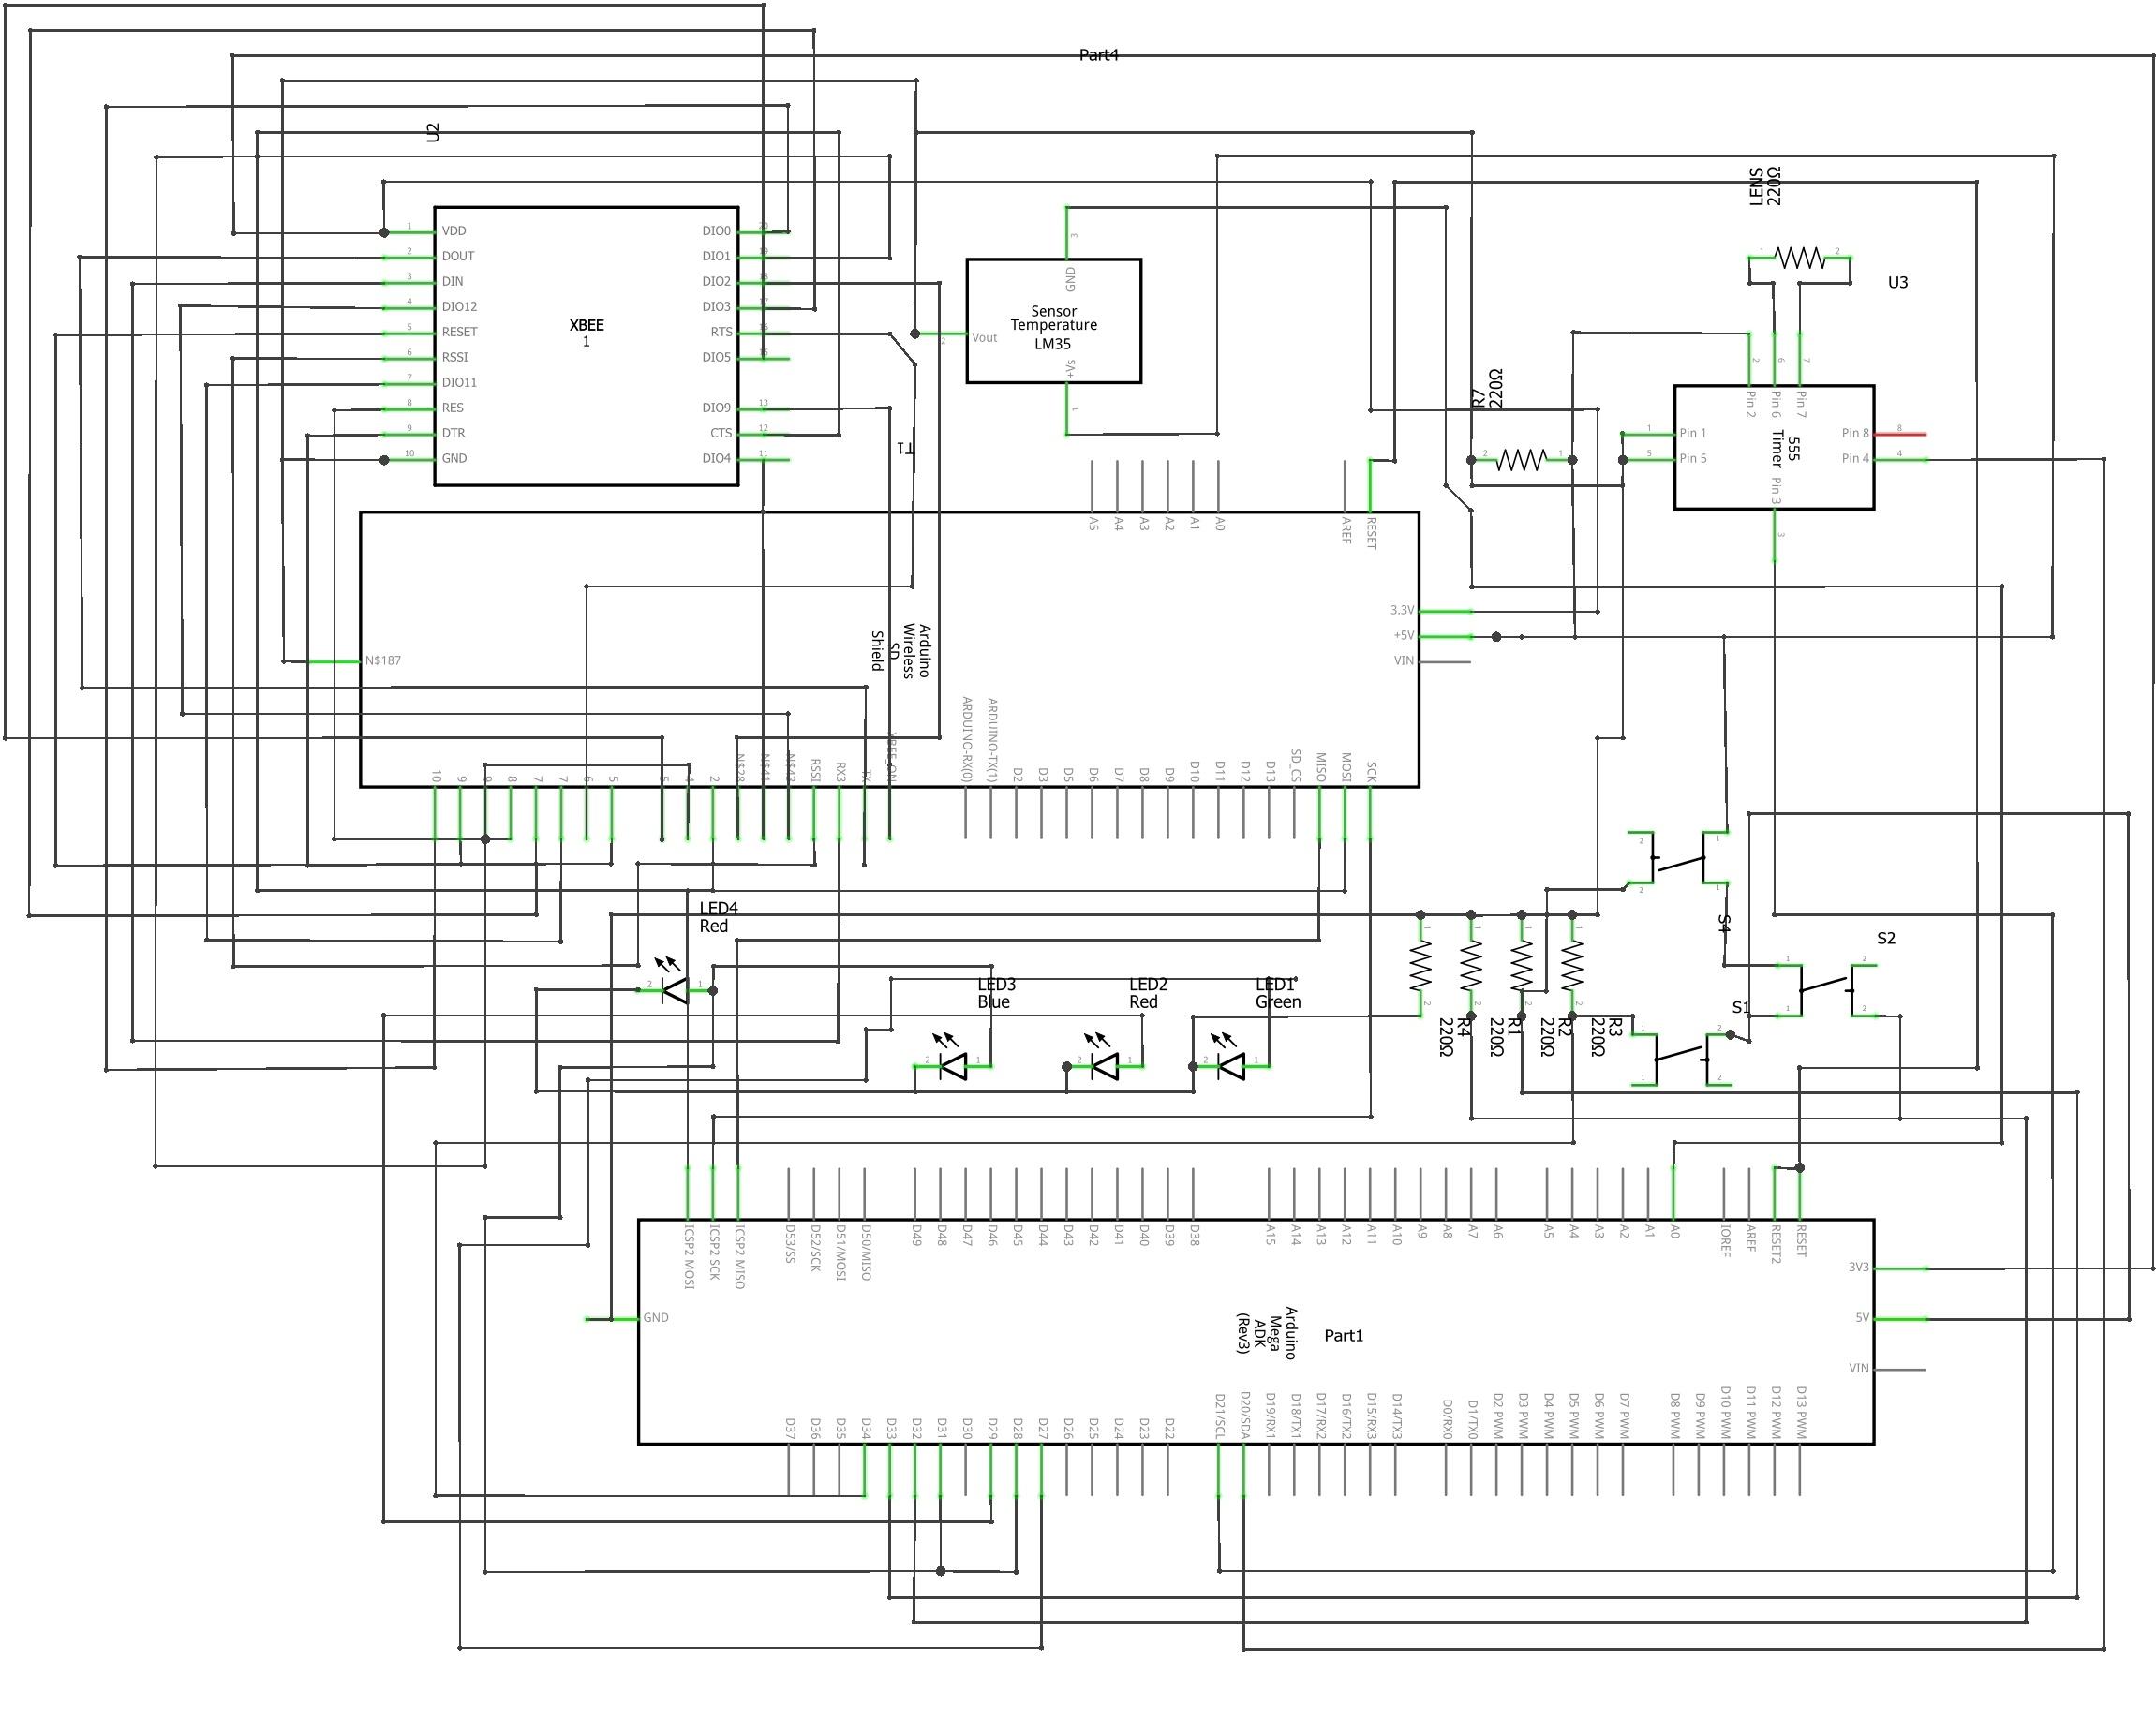 Inkedschematic v3 schem li c9rxj82obj 9k896gbcpm